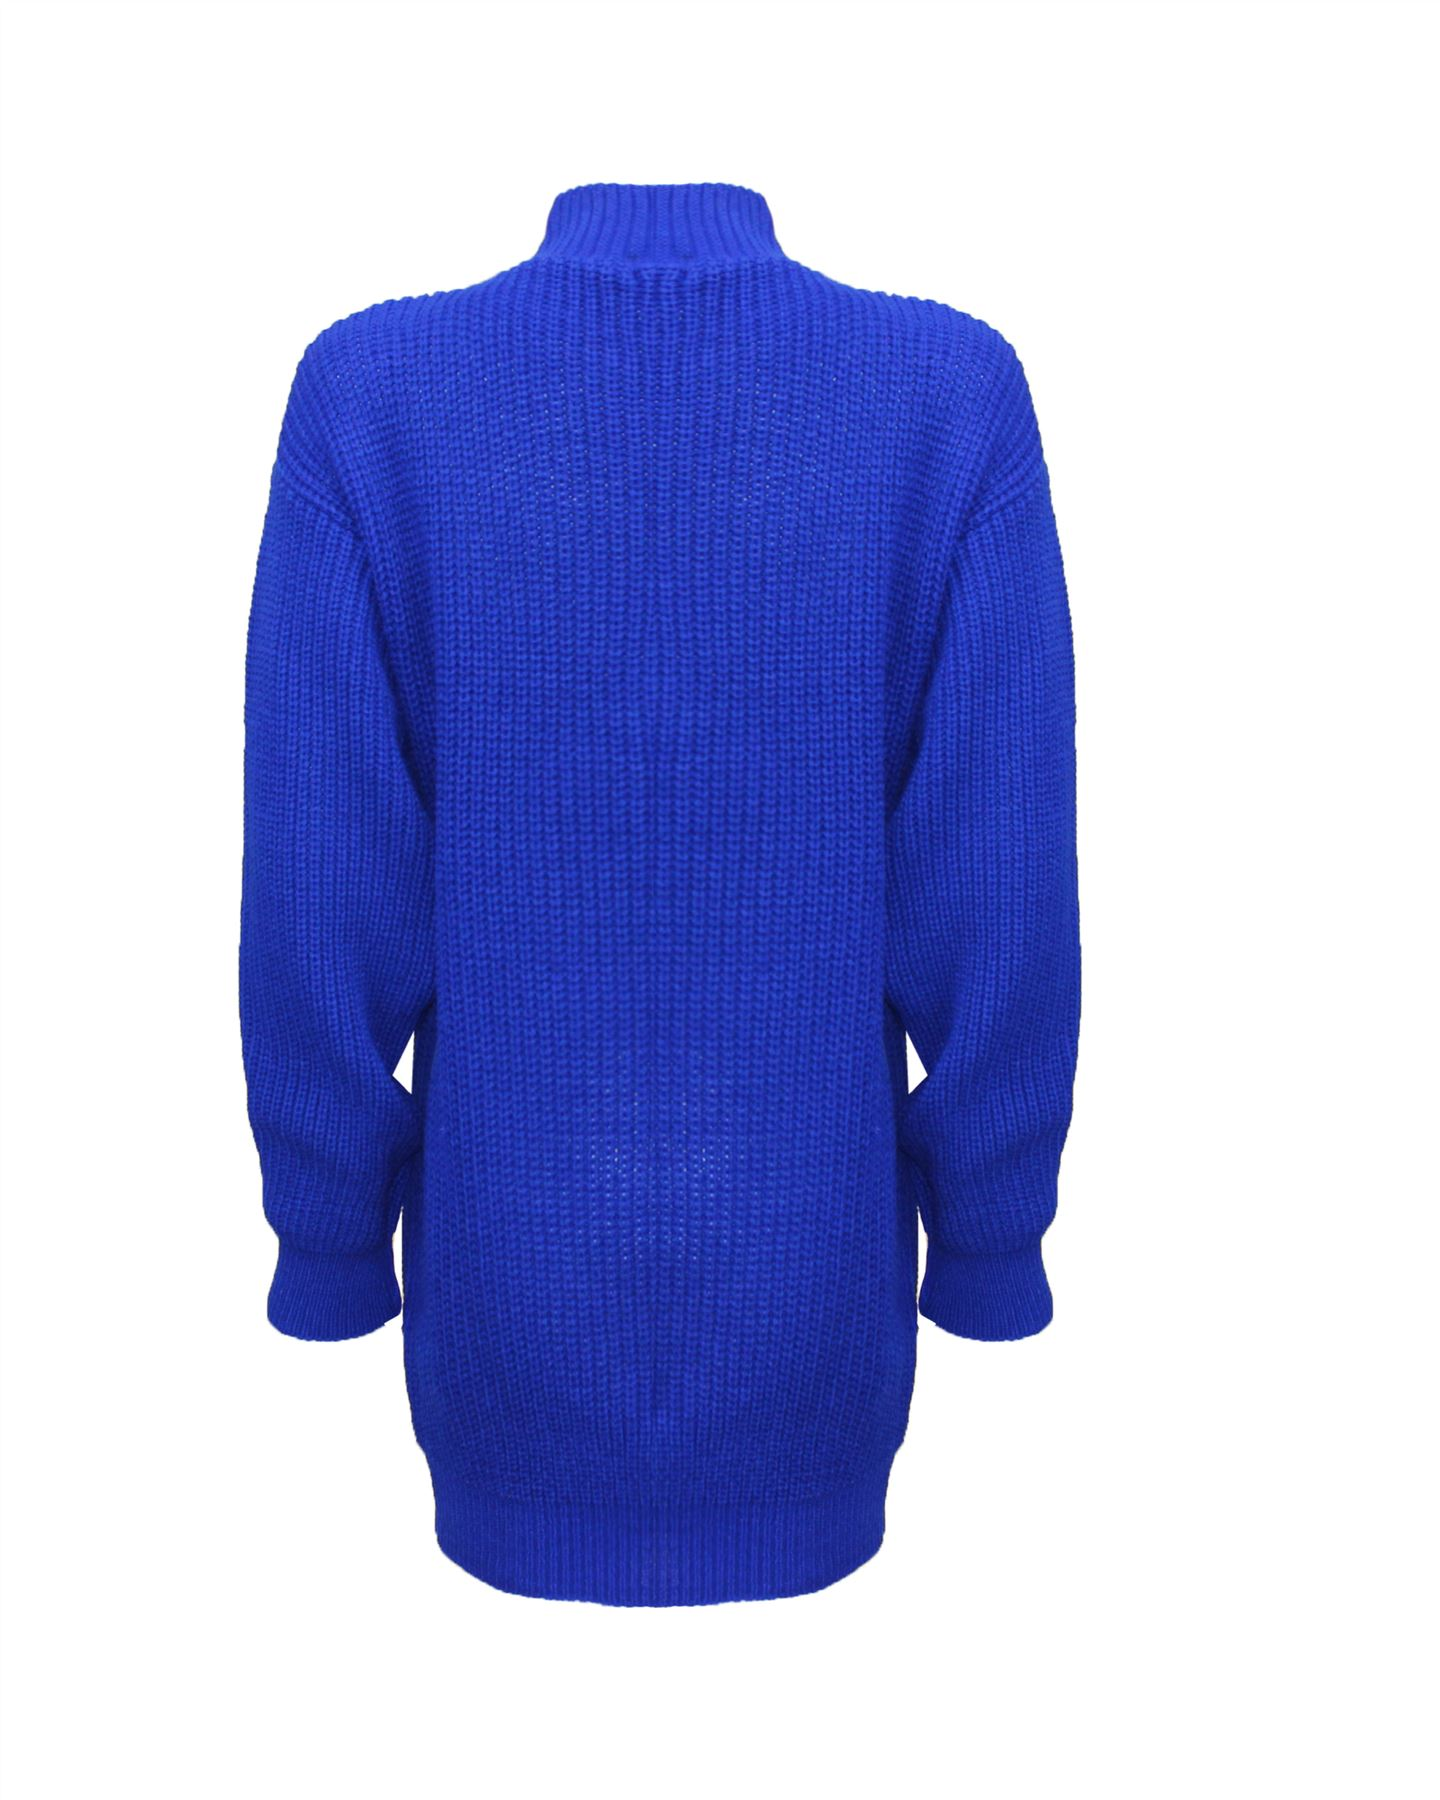 Le-donne-Donna-A-Maglia-Girocollo-Maglione-a-trama-grossa-Collo-Top-Baggy-Over-dimensionati-sweater miniatura 21